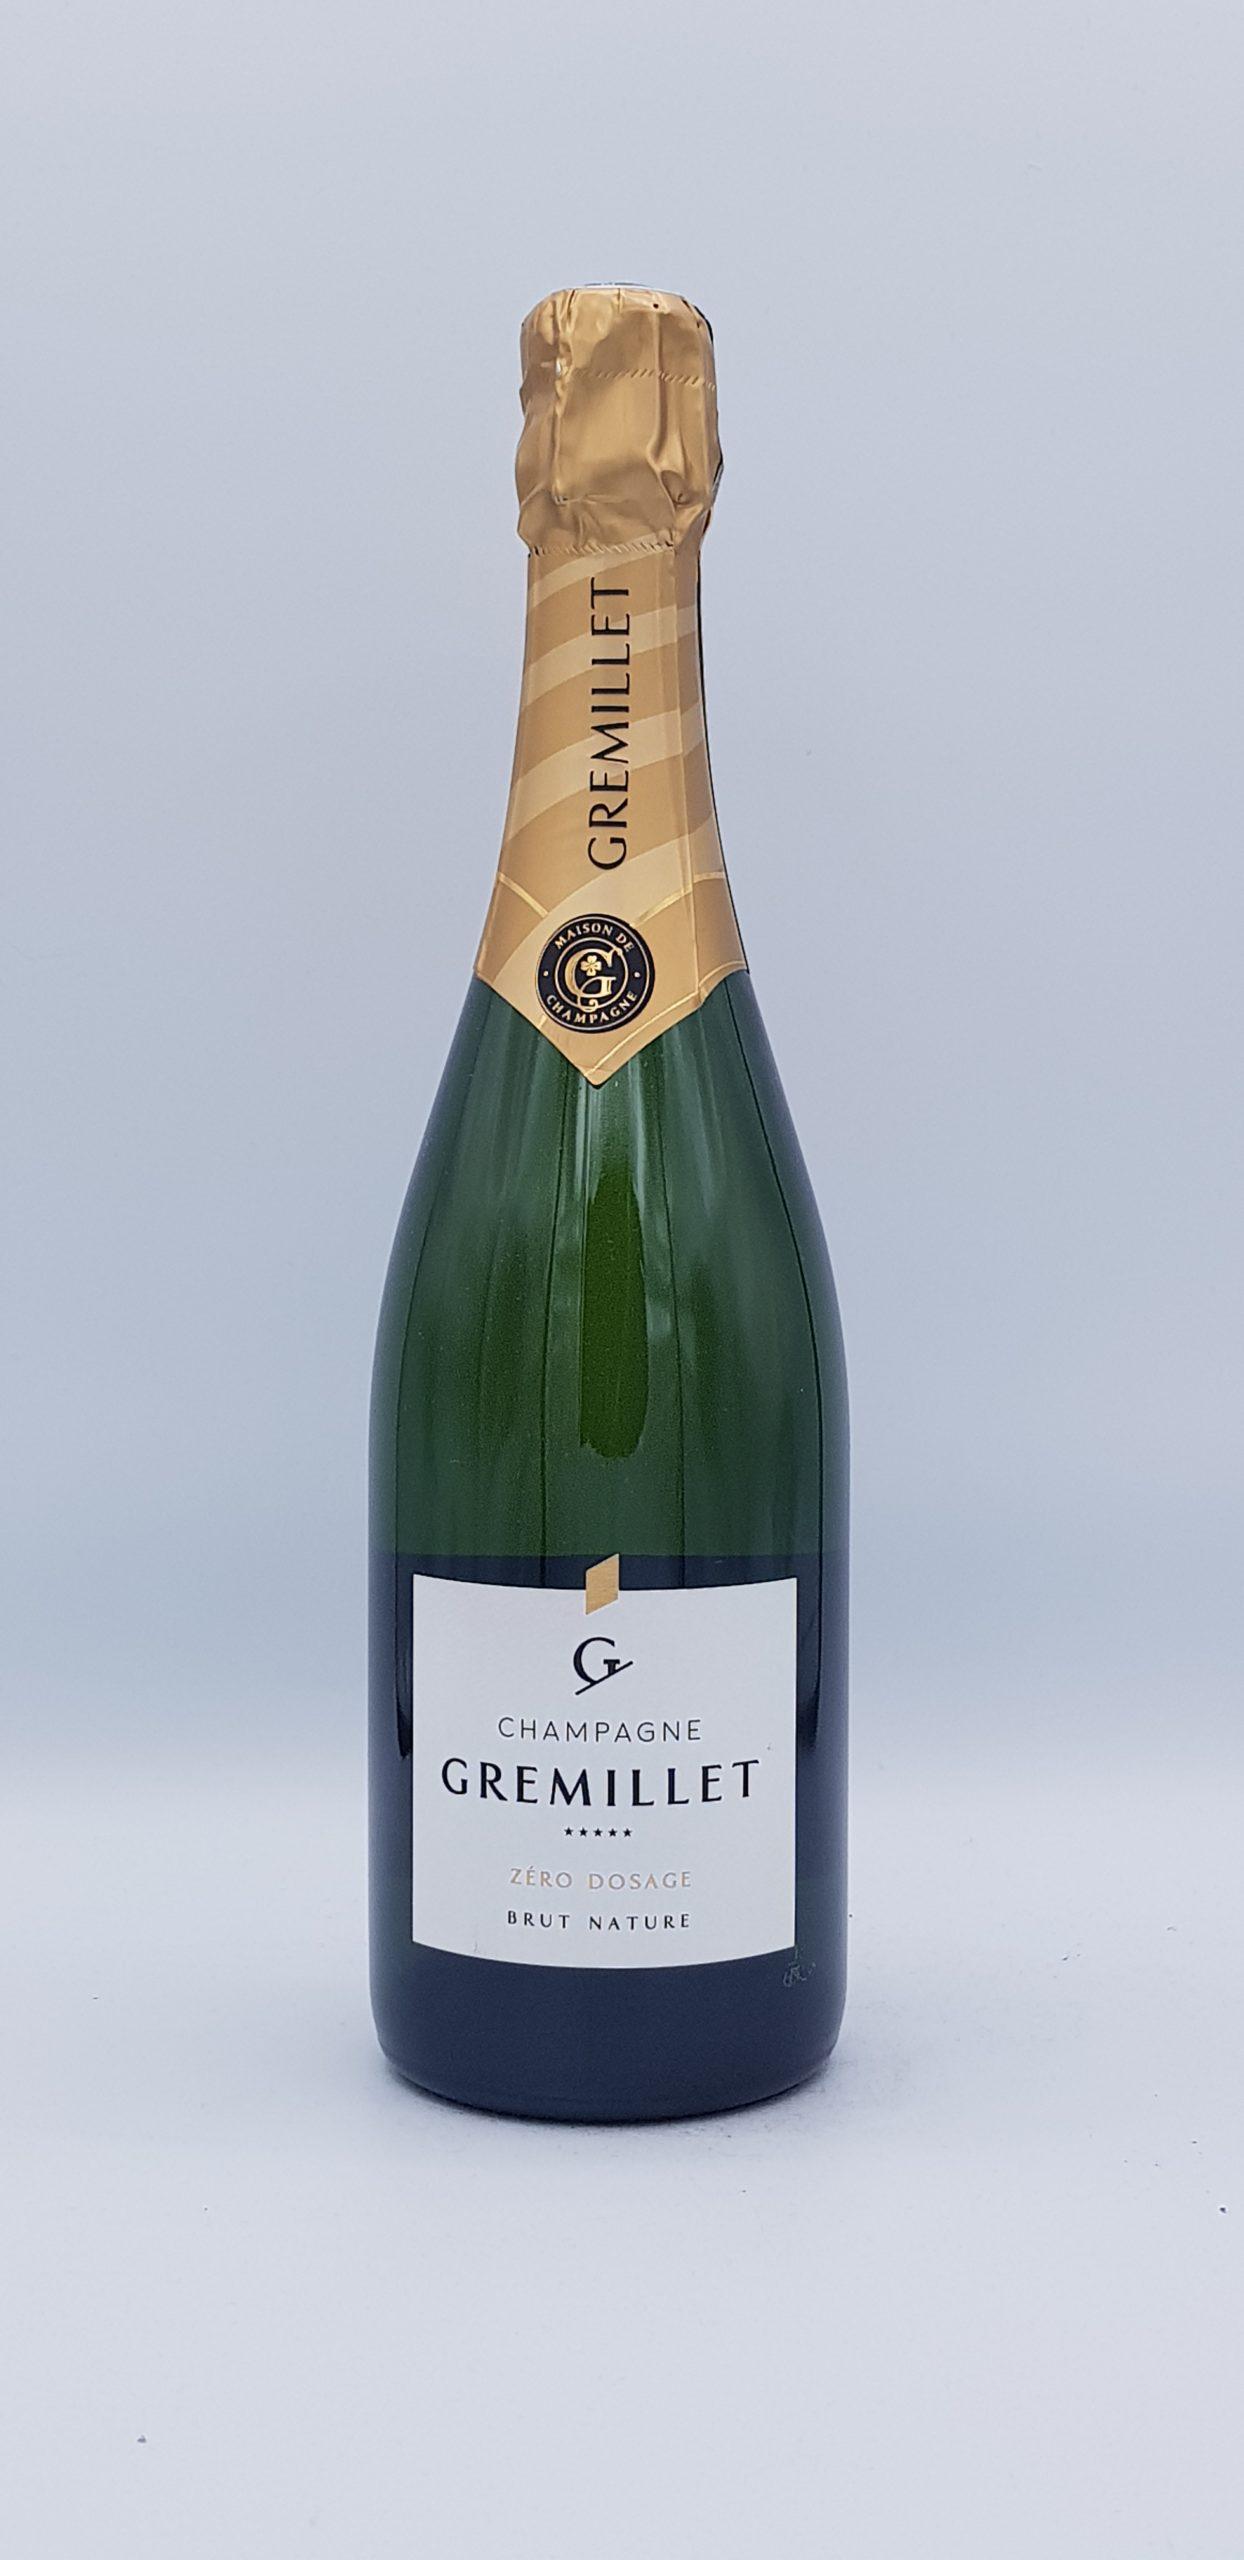 Champagne Gremillet Brut Nature